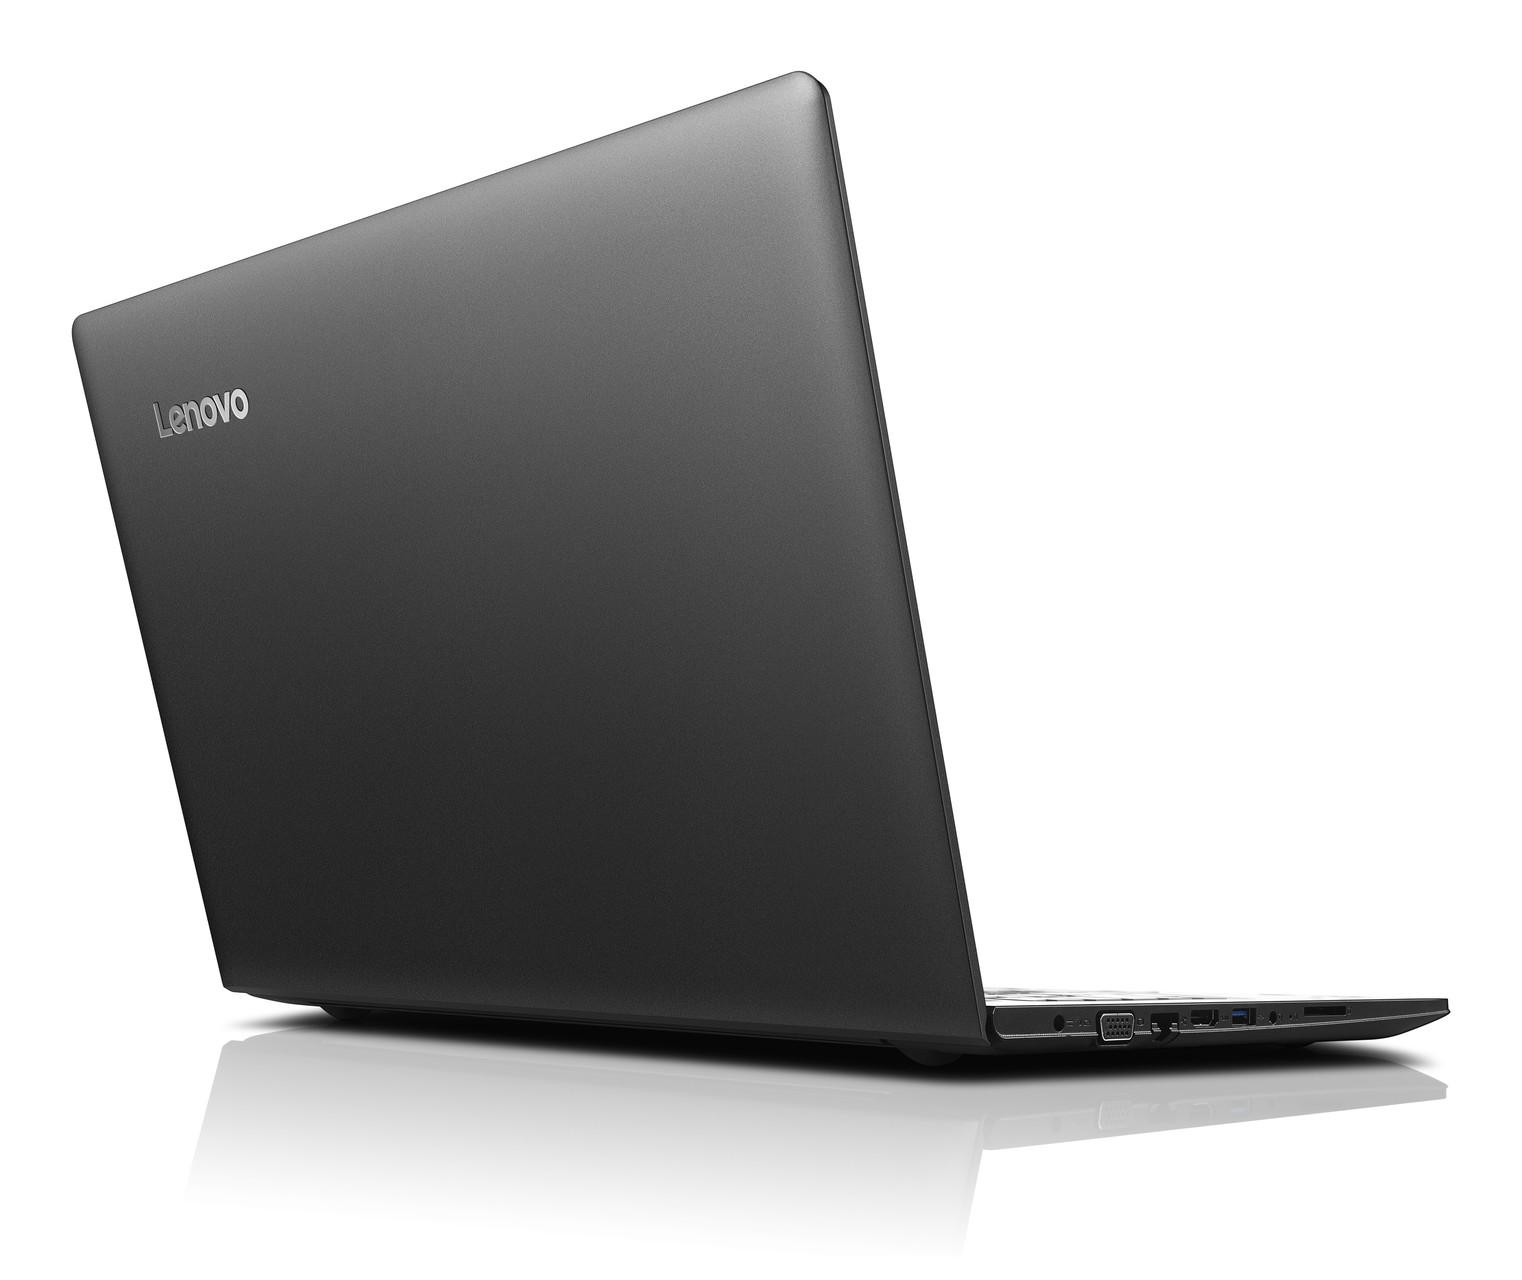 Lenovo IdeaPad 510 15.6 FHD/I5-6200U/4G/500+8/N2G/W10 black